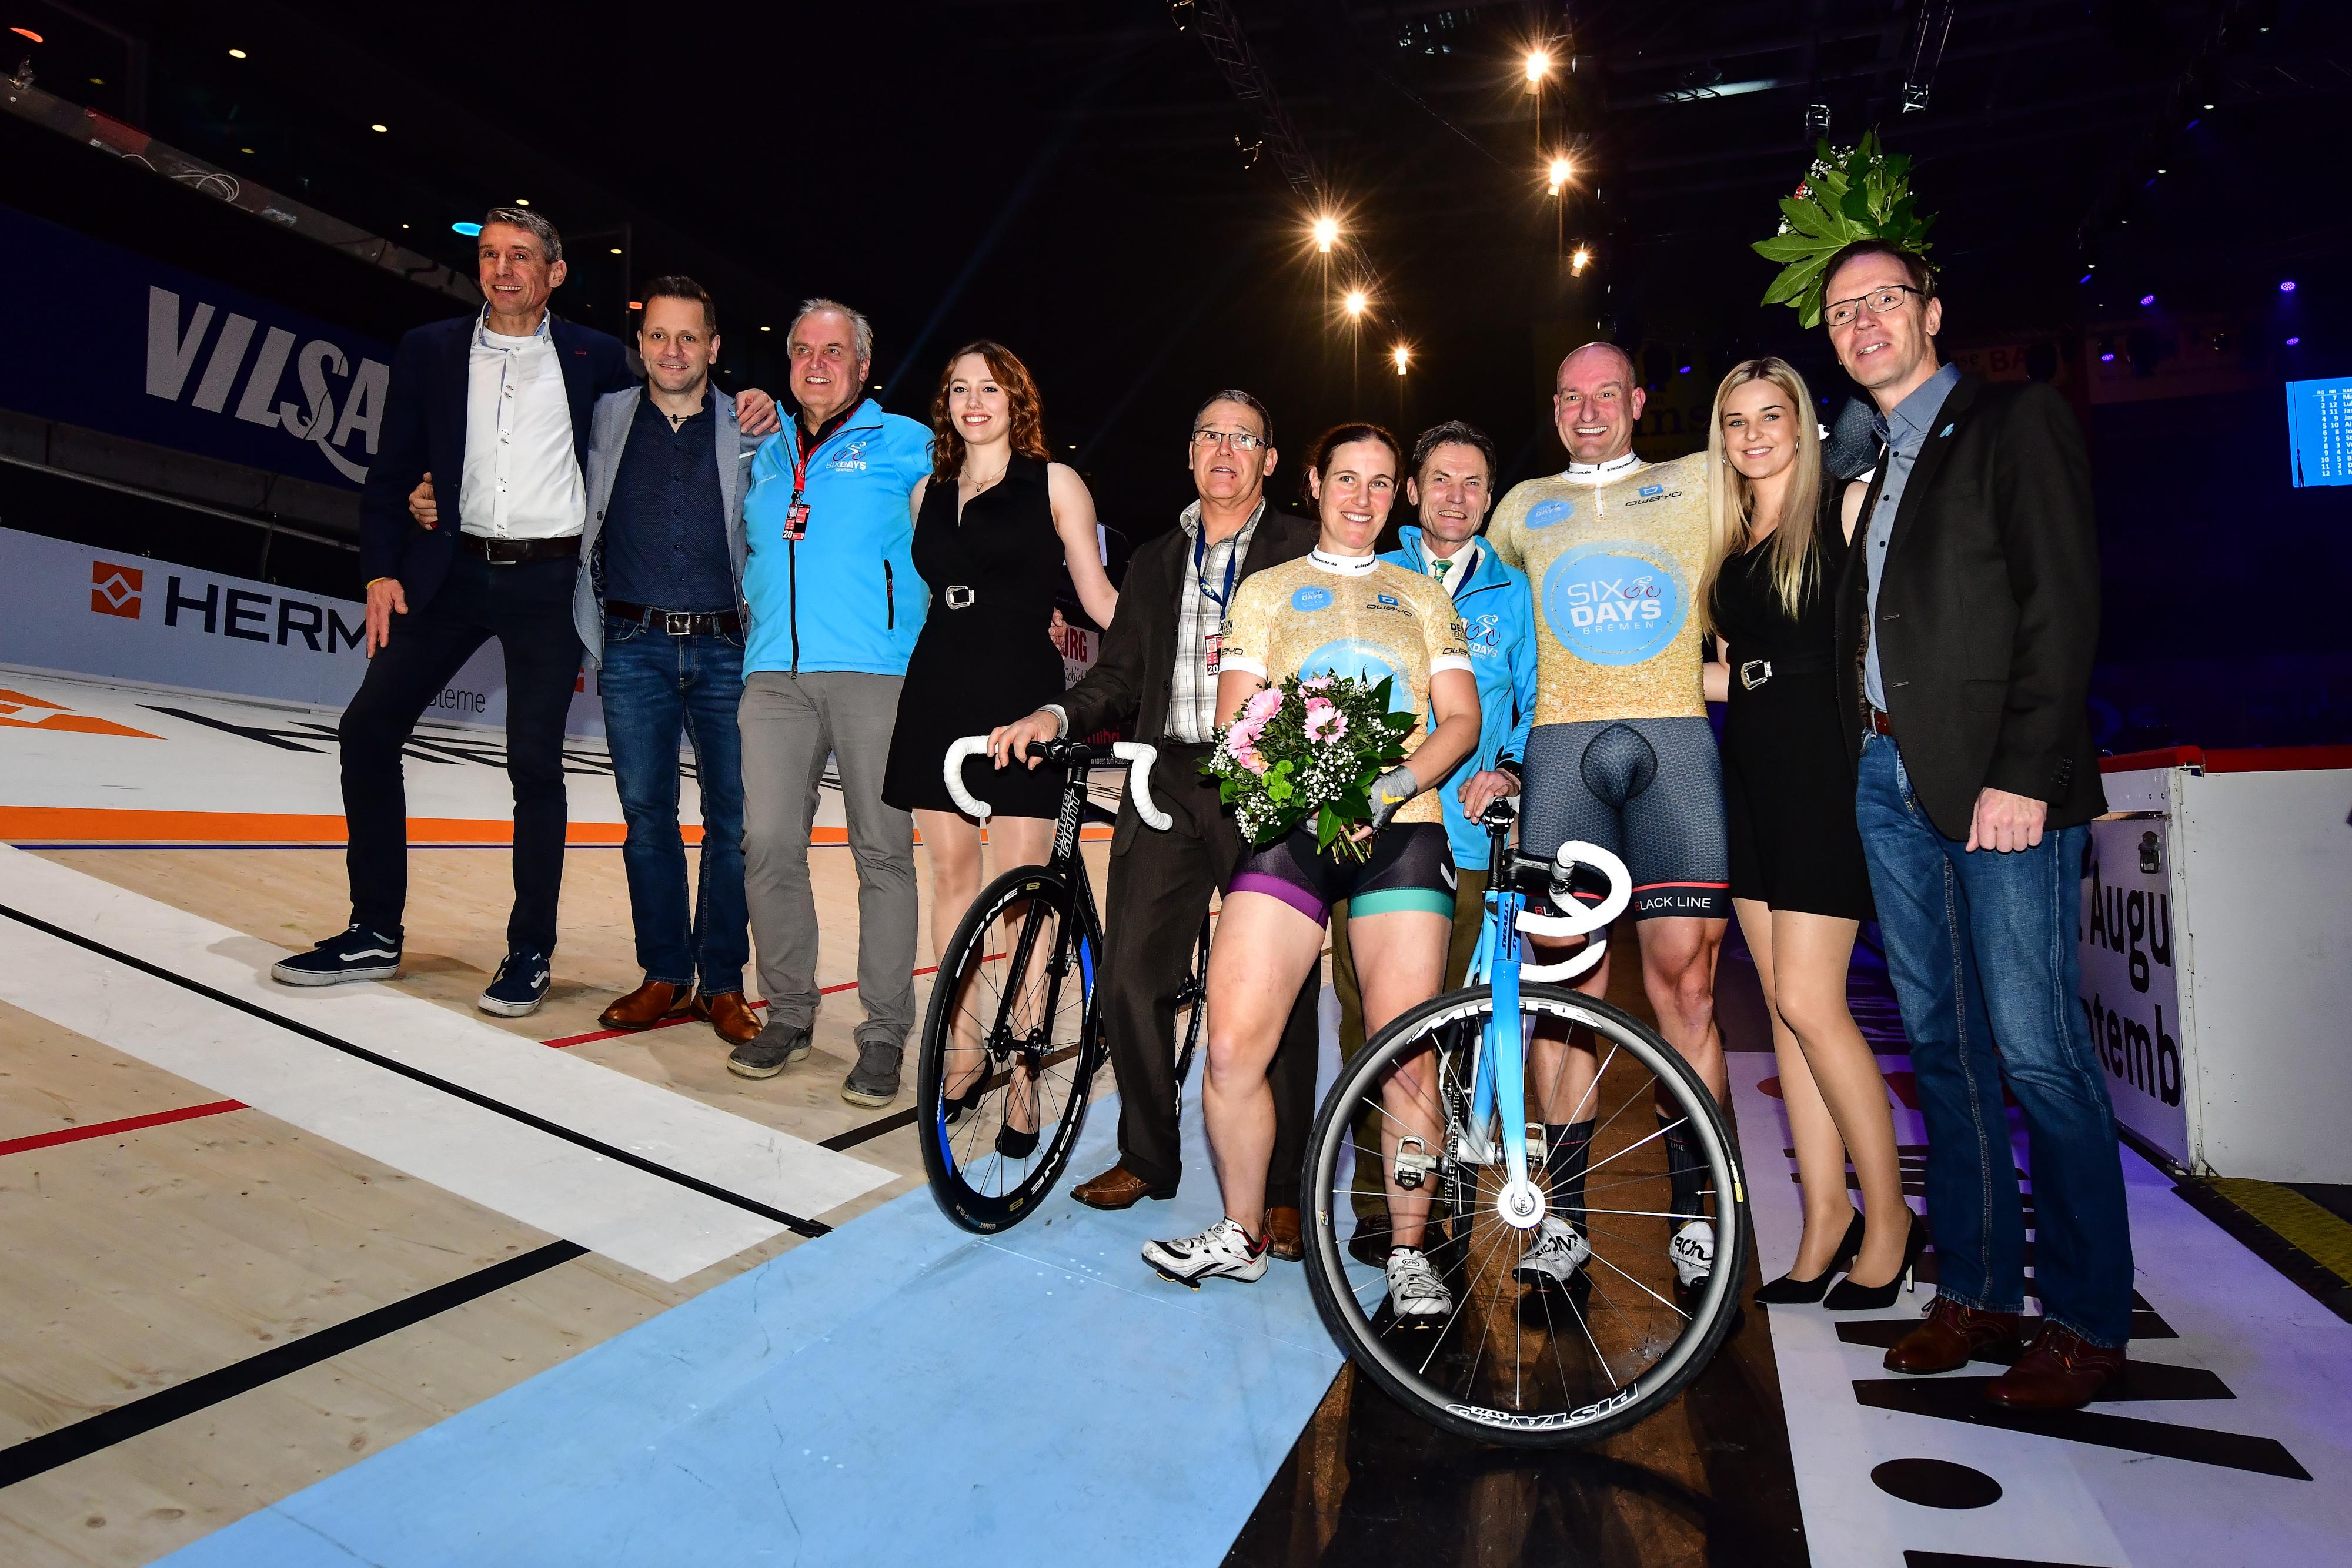 Stefanie Wasmundt und Marcel Laurenz sind die Sieger von DEIN RENNEN 2020